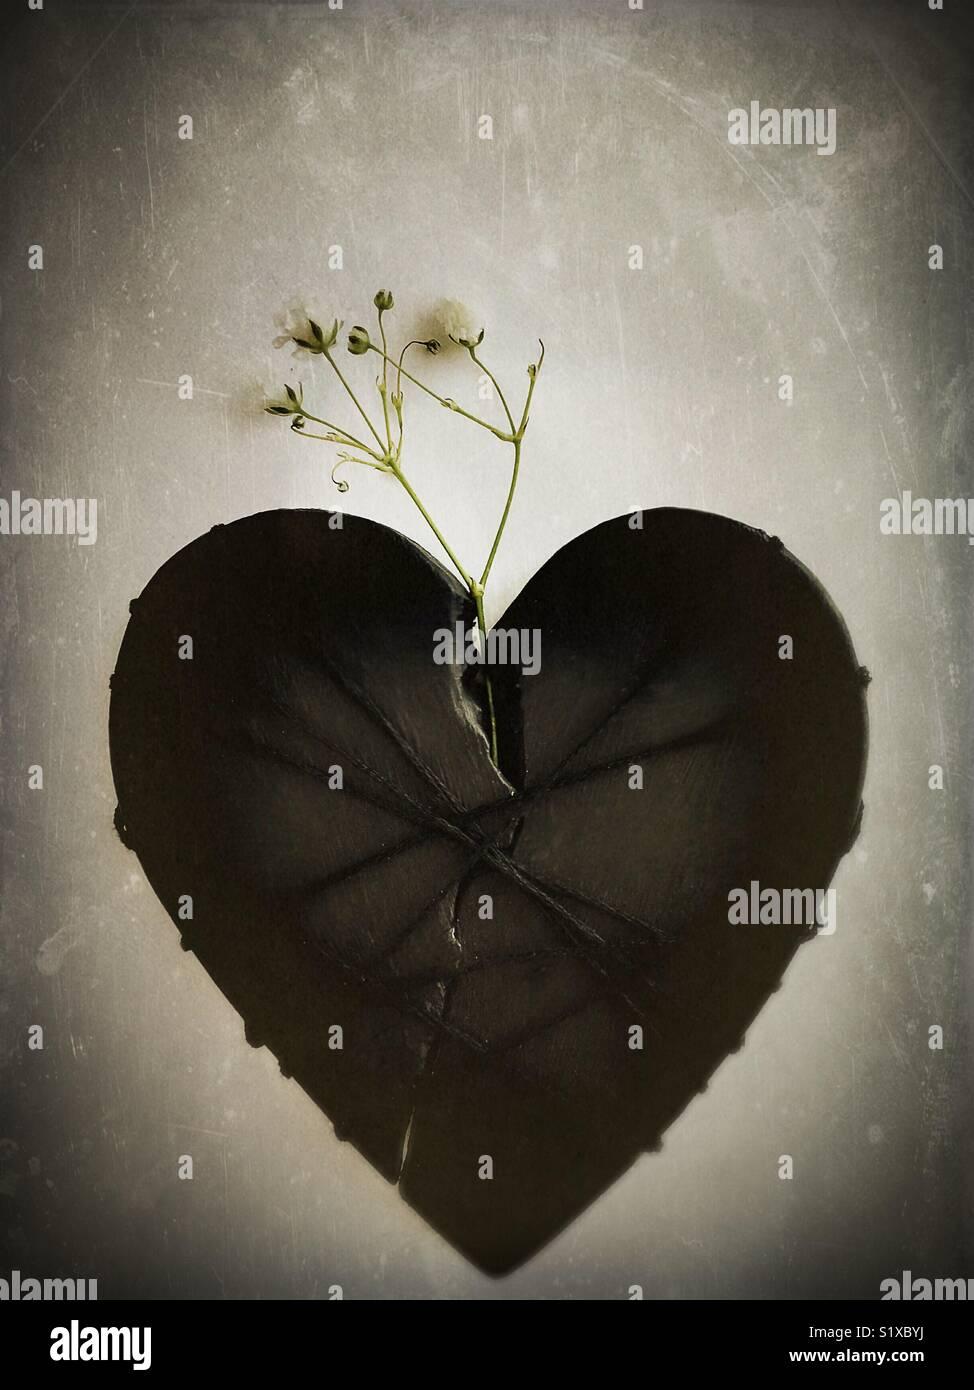 Einem gebrochenen Herzen auf dem Weg der Besserung. Stockbild